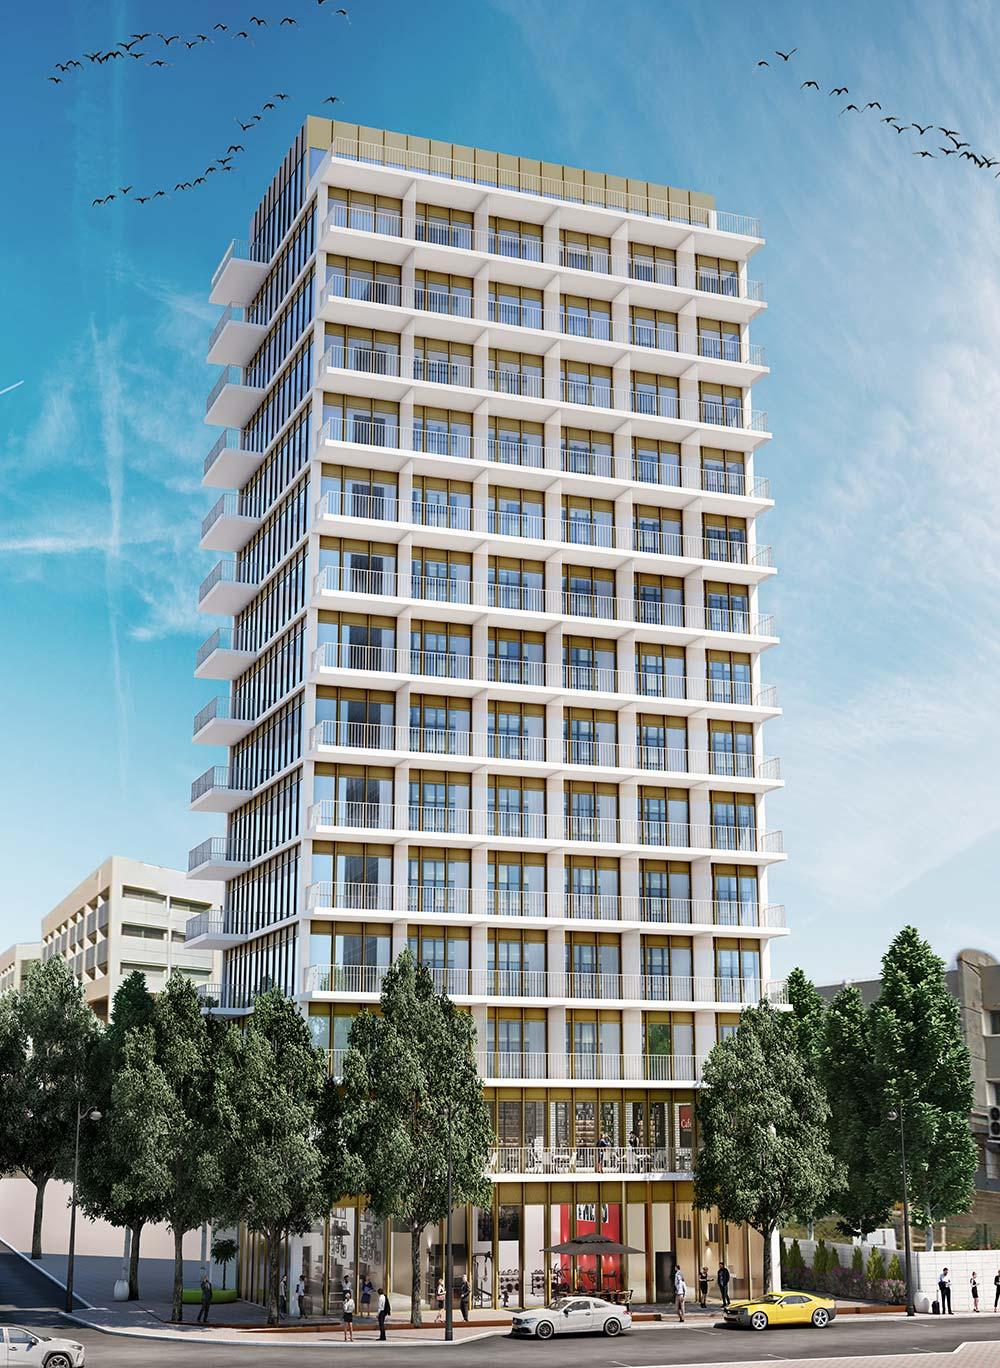 פרויקט לשם של קטה יזמות בניה והשקעות – מלון עסקים חדש ויוקרתי בן 15 קומות ושטחי מסחר, אשר יוקם בלב מרכז ההיי-טק של פתח-תקווה.